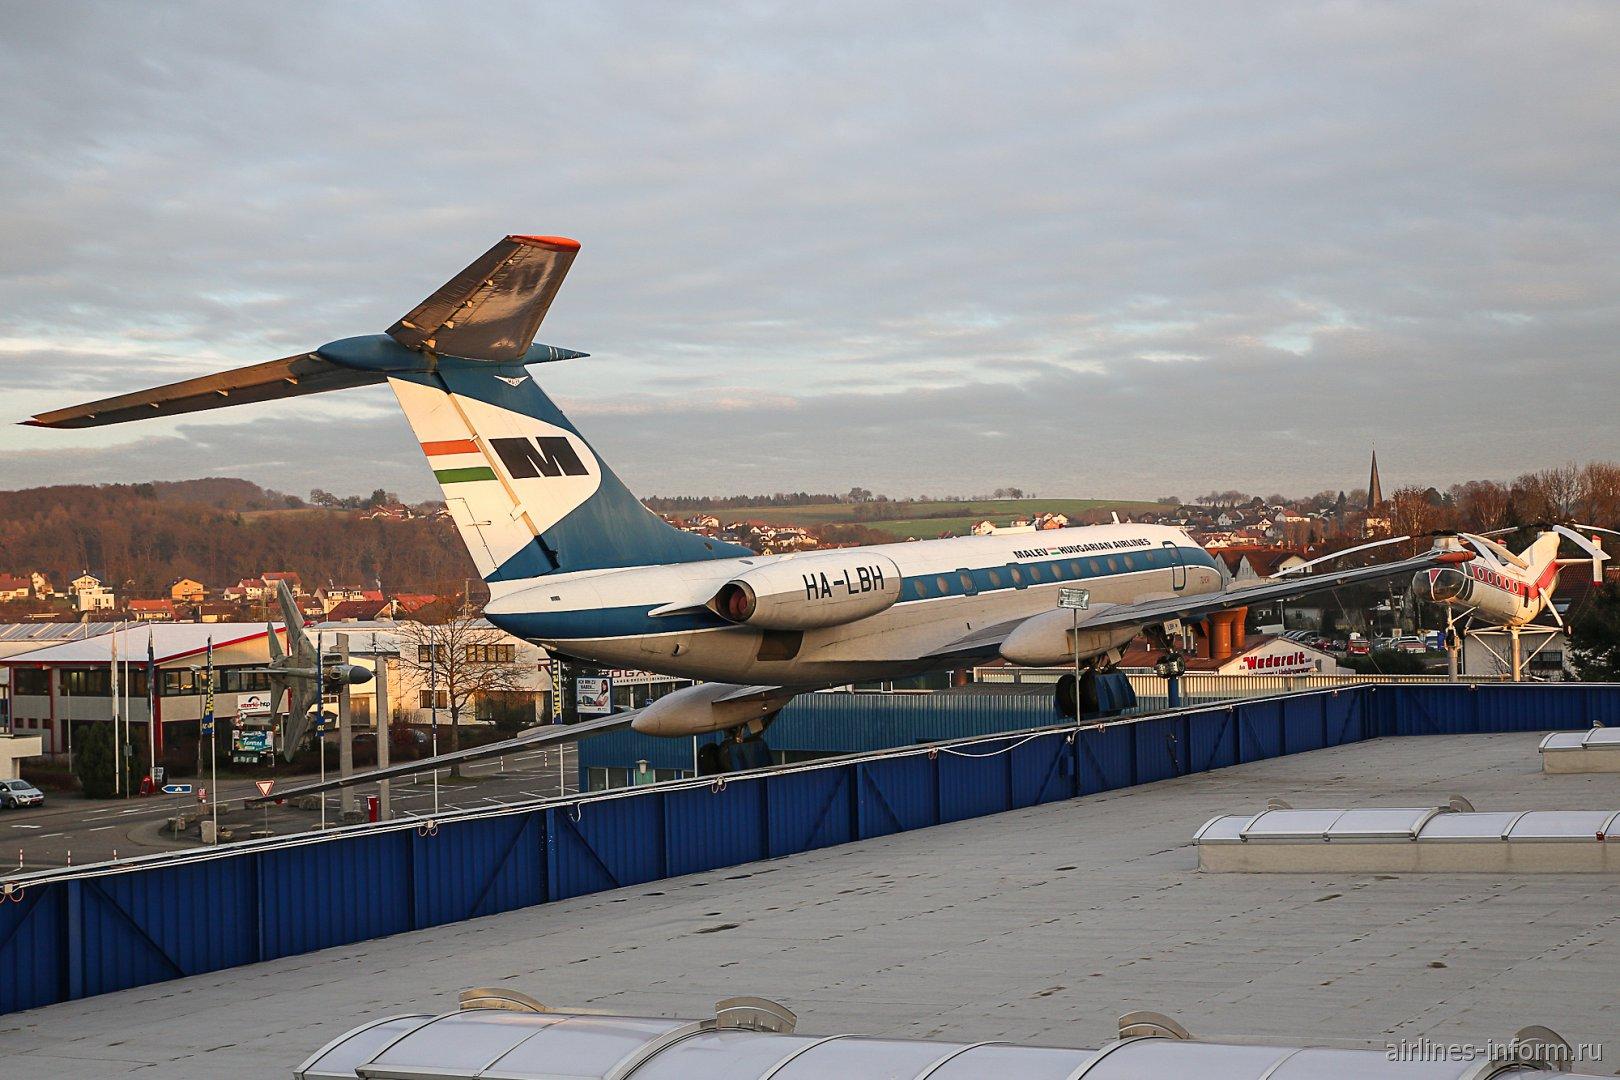 Самолет Ту-134 в музее техники в Зинсхайме